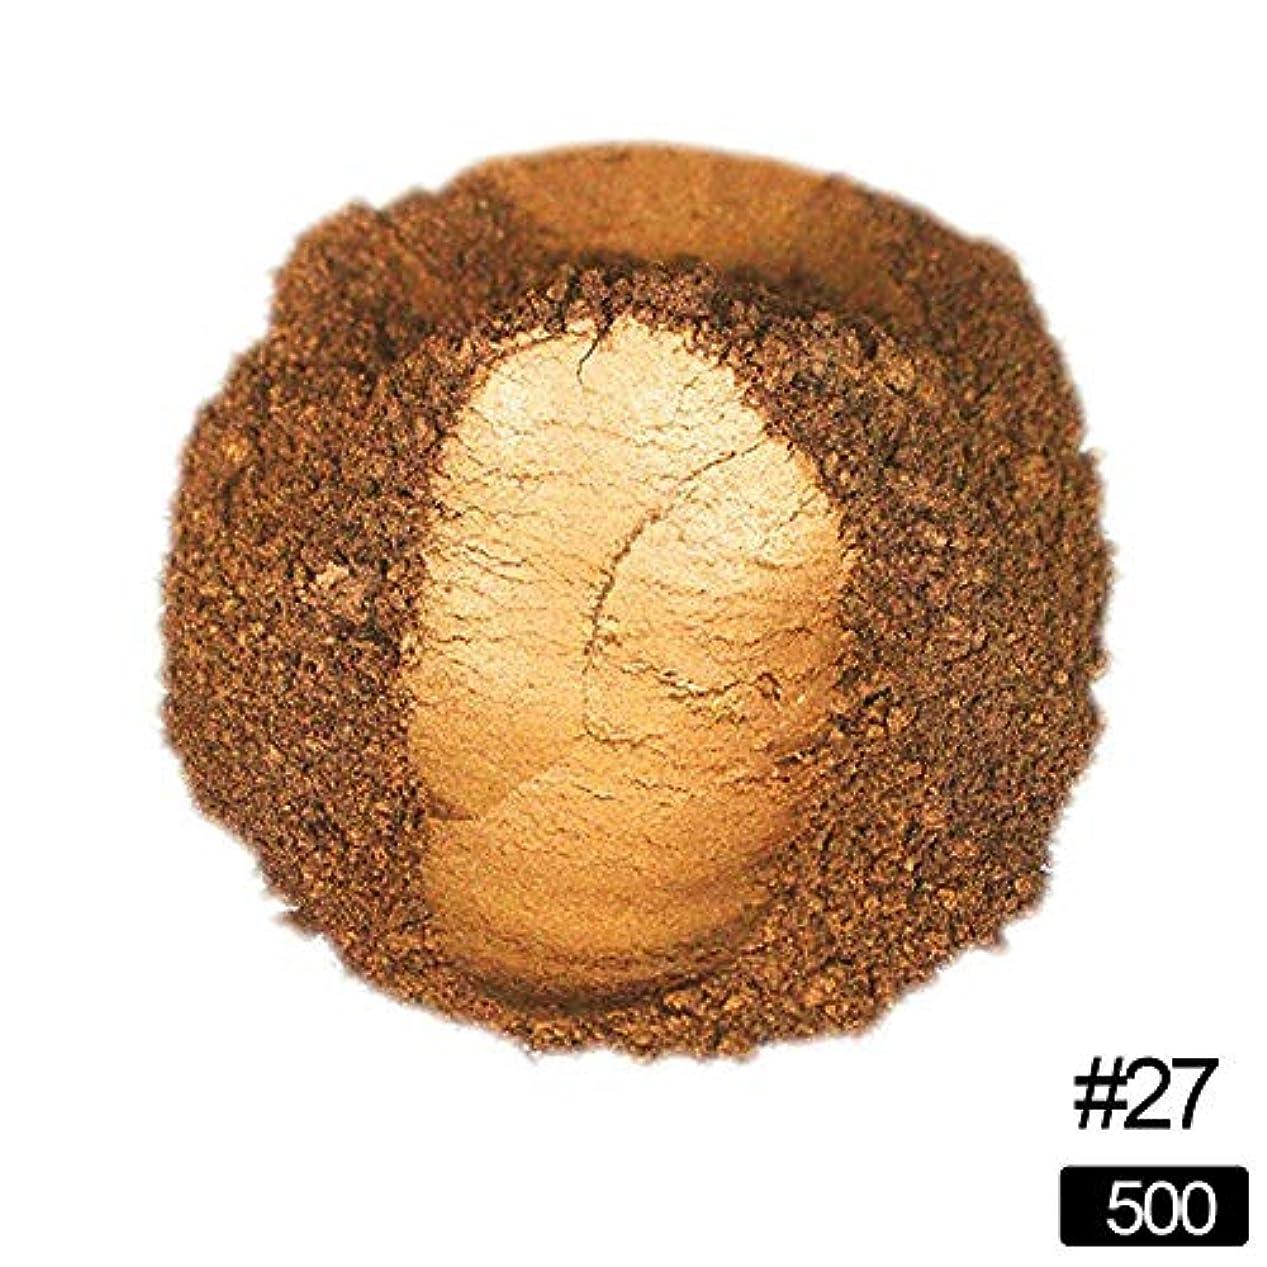 細菌ディベート子猫BETTER YOU (ベター ュー) 夏のアイシャドウ、口紅、フリッカー、カラフル、崩れない、ぼかしやすい、69色 目、唇、フリッカー、ハイライト (Y 8300)